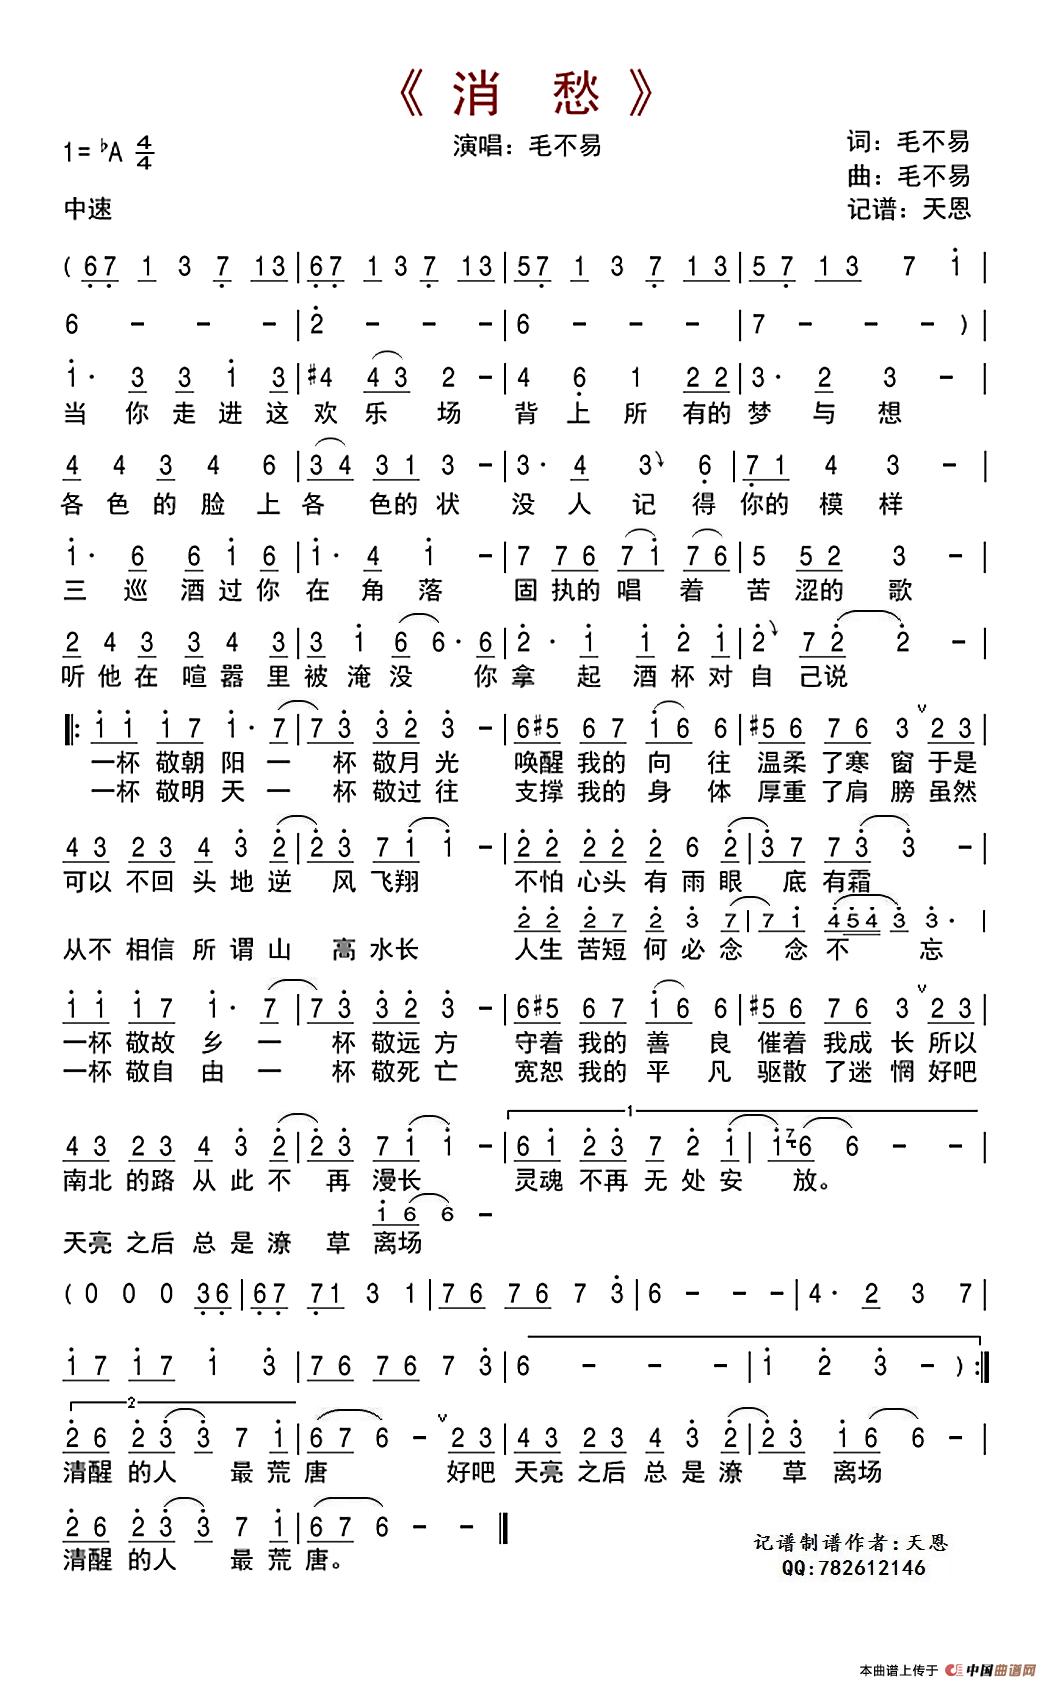 html 《消愁》文本歌词    《消愁》歌词:      作词:毛不易